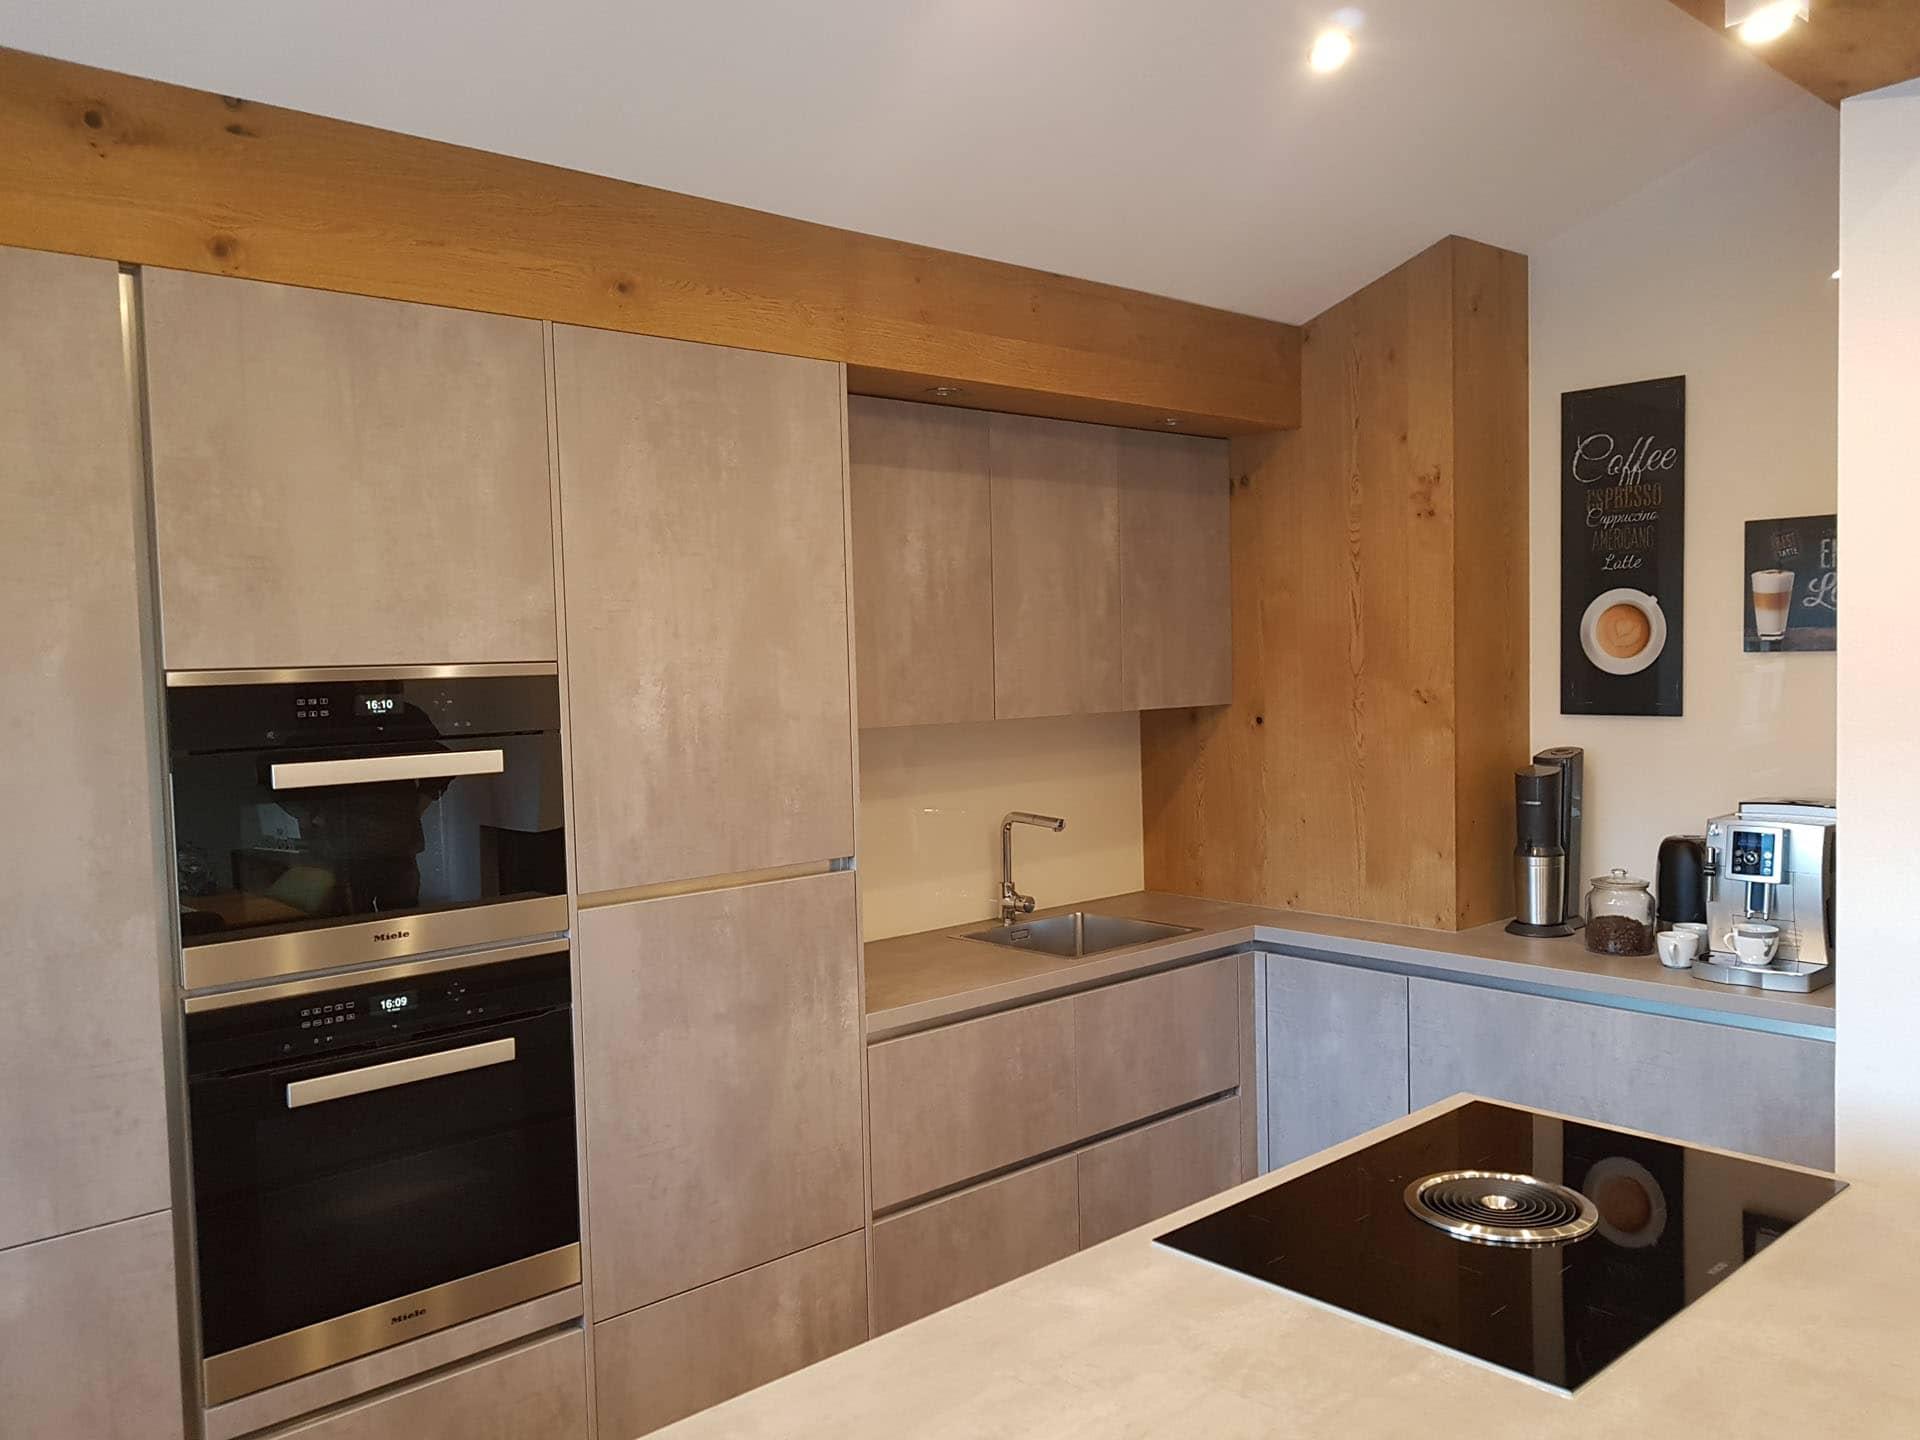 k che in harter betonoptik und weicher eichenverkleidung. Black Bedroom Furniture Sets. Home Design Ideas